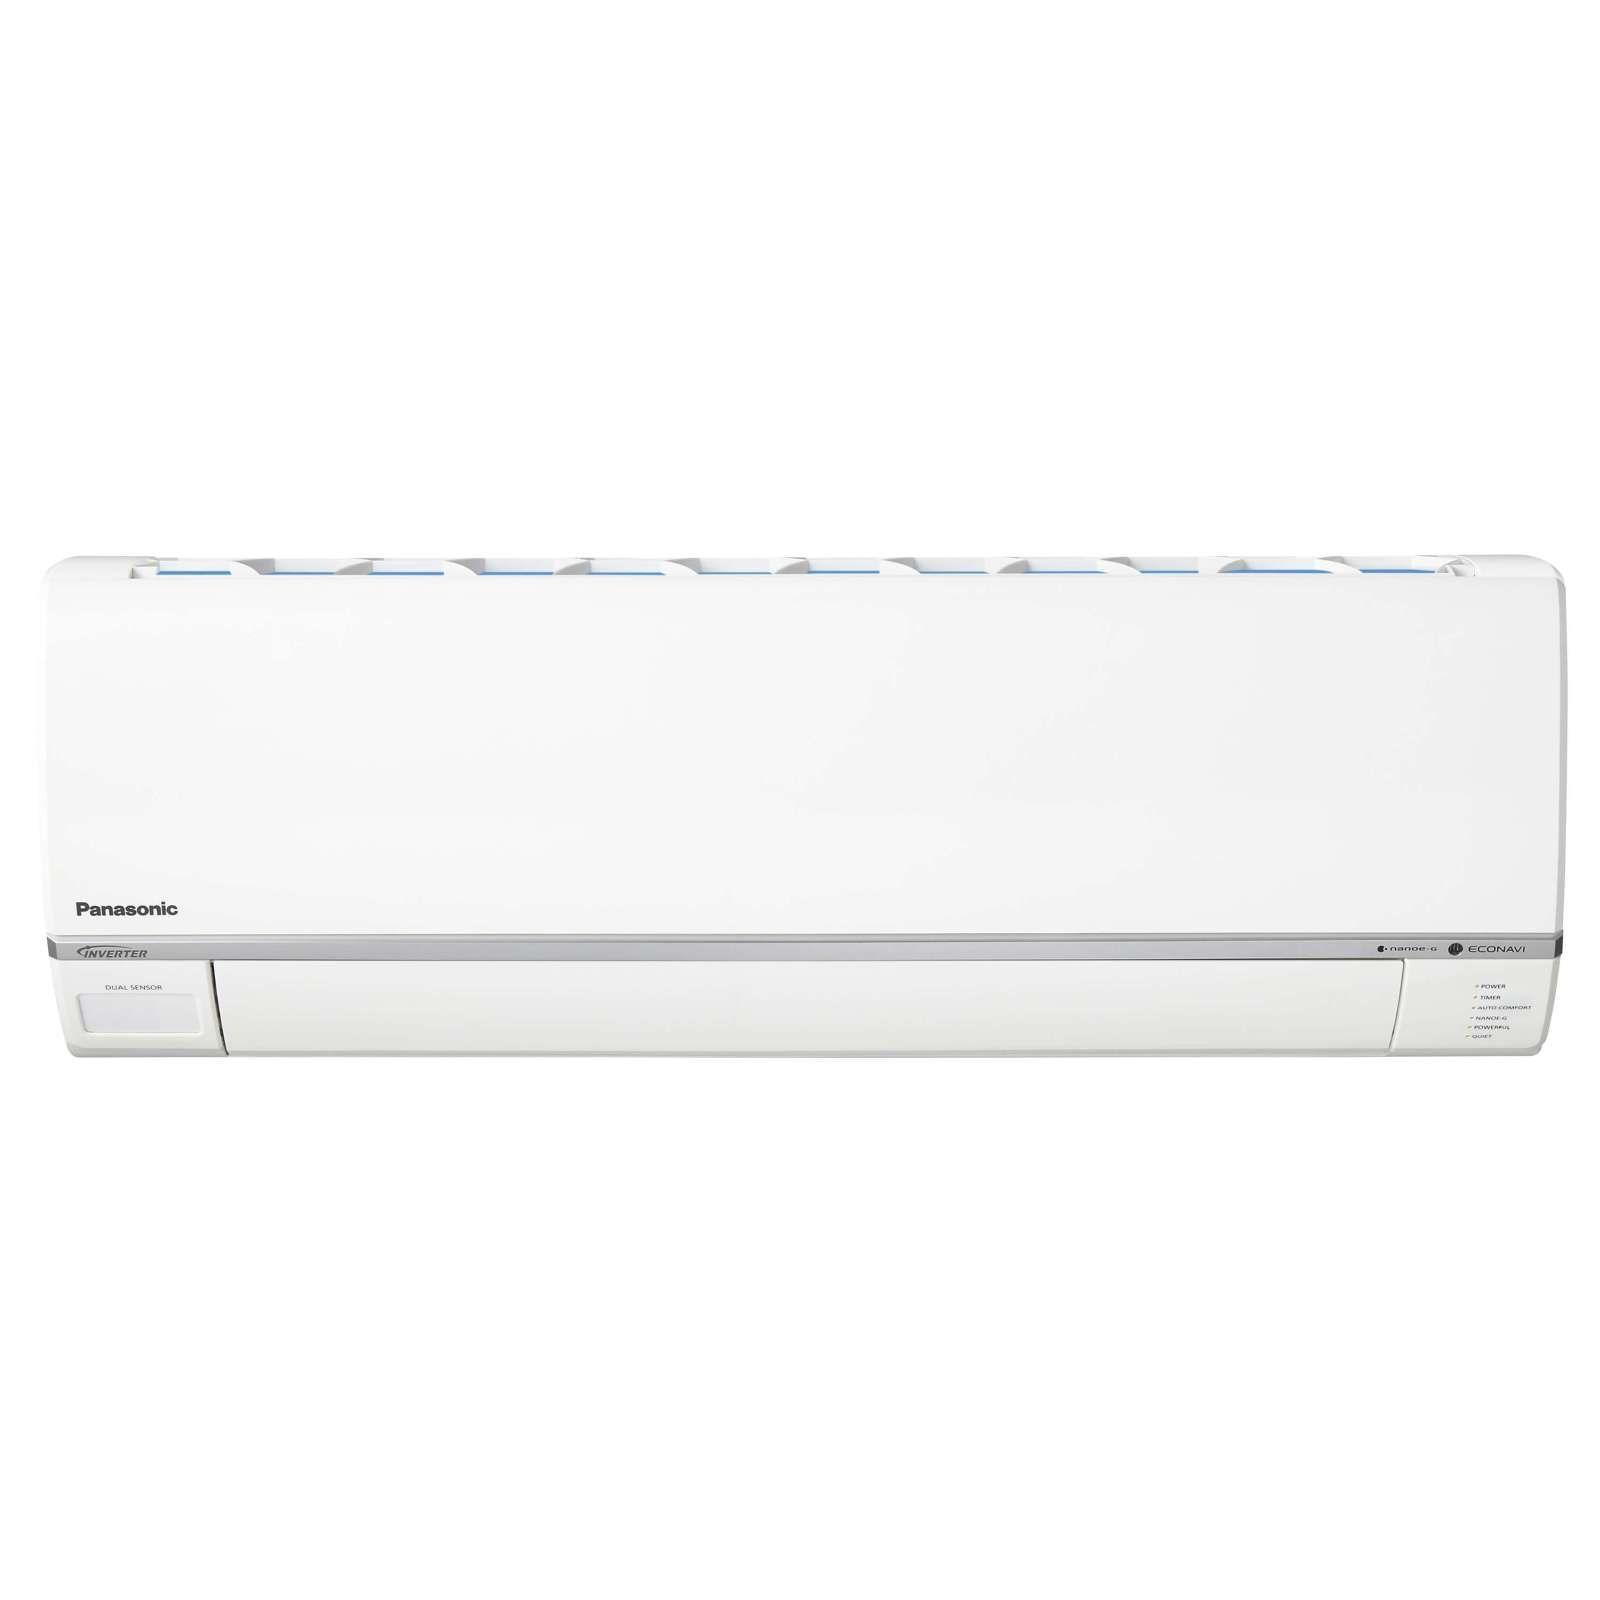 Panasonic (XS-Series Premium Inverter) – SYSTEM 2 AIRCON (CU-2XS20UKZ / CS-MXS9UKZ X2)